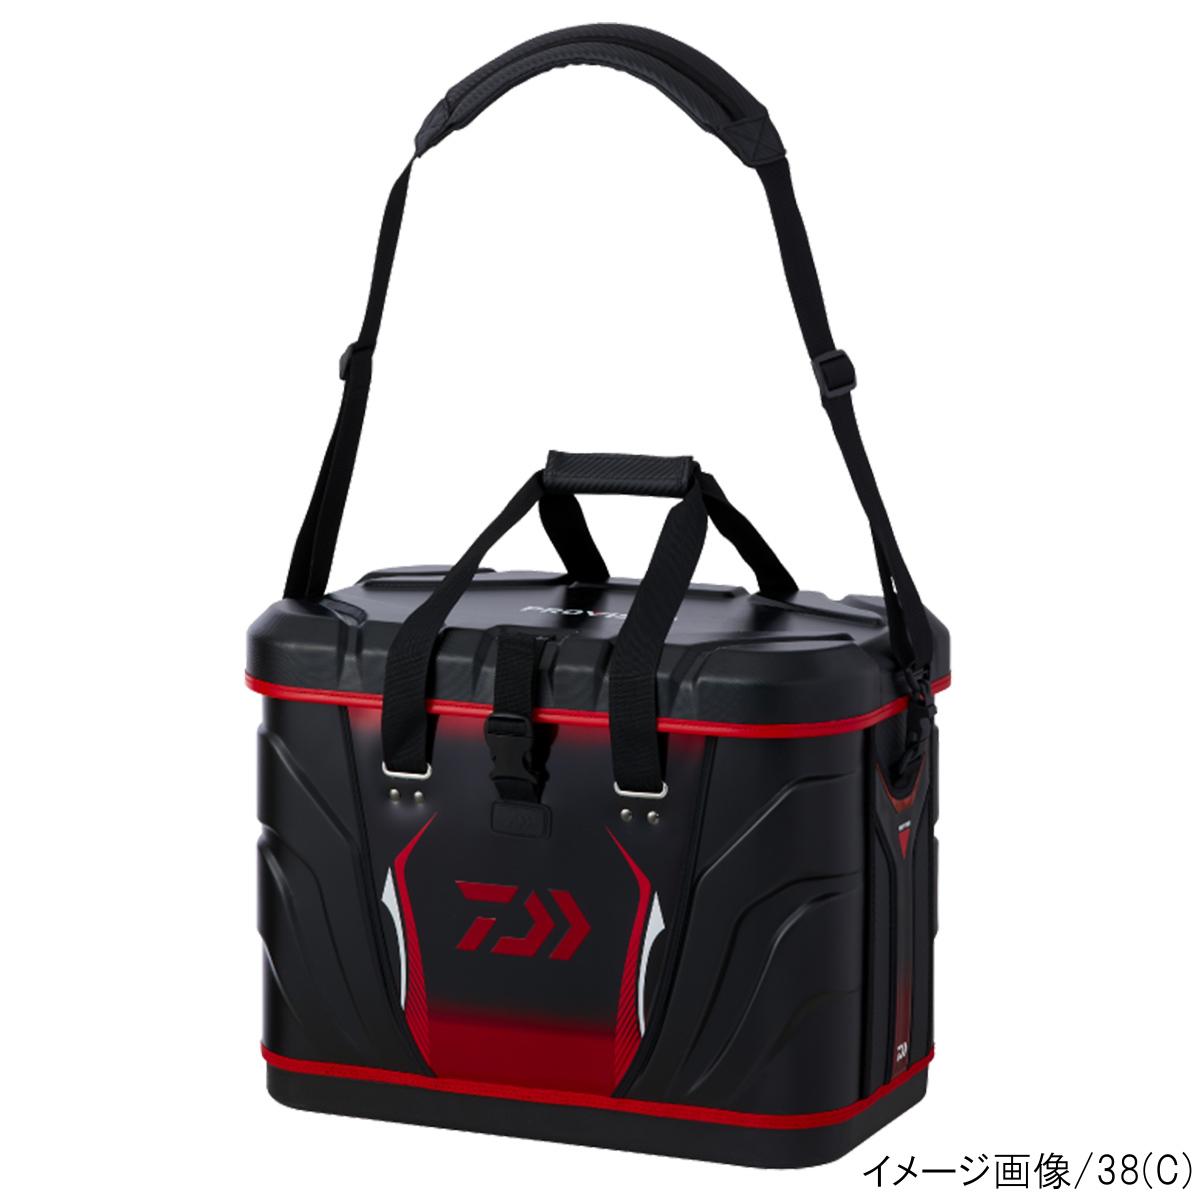 ダイワ プロバイザー HD クールバッグ 28(C) ブラック